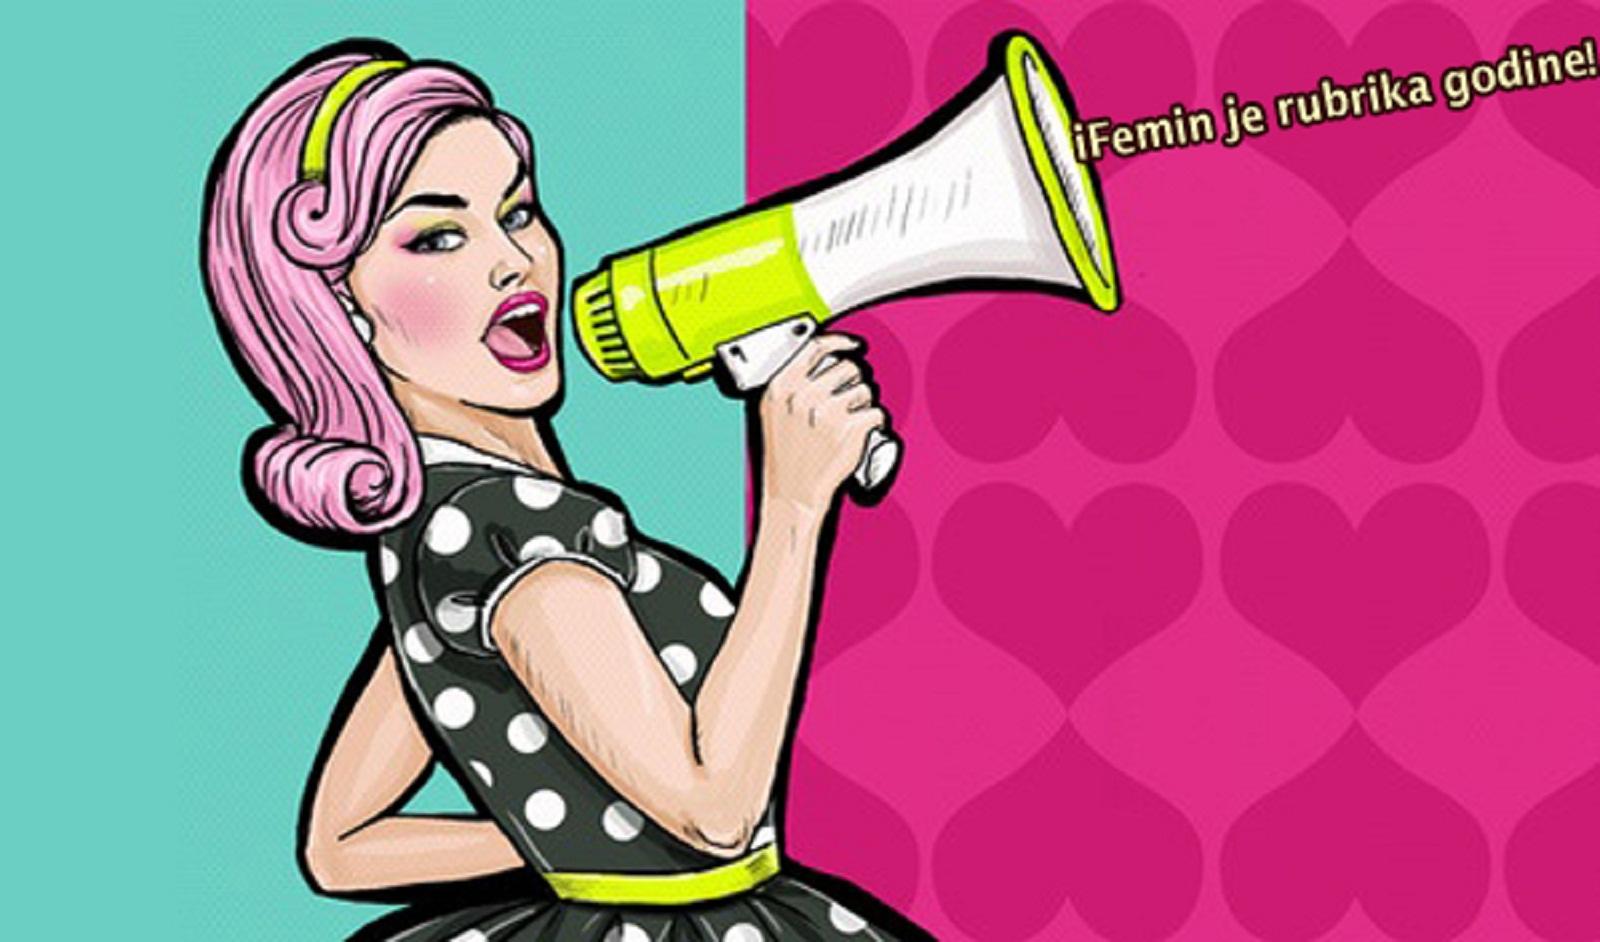 Tražimo novinare za iFemin tim!